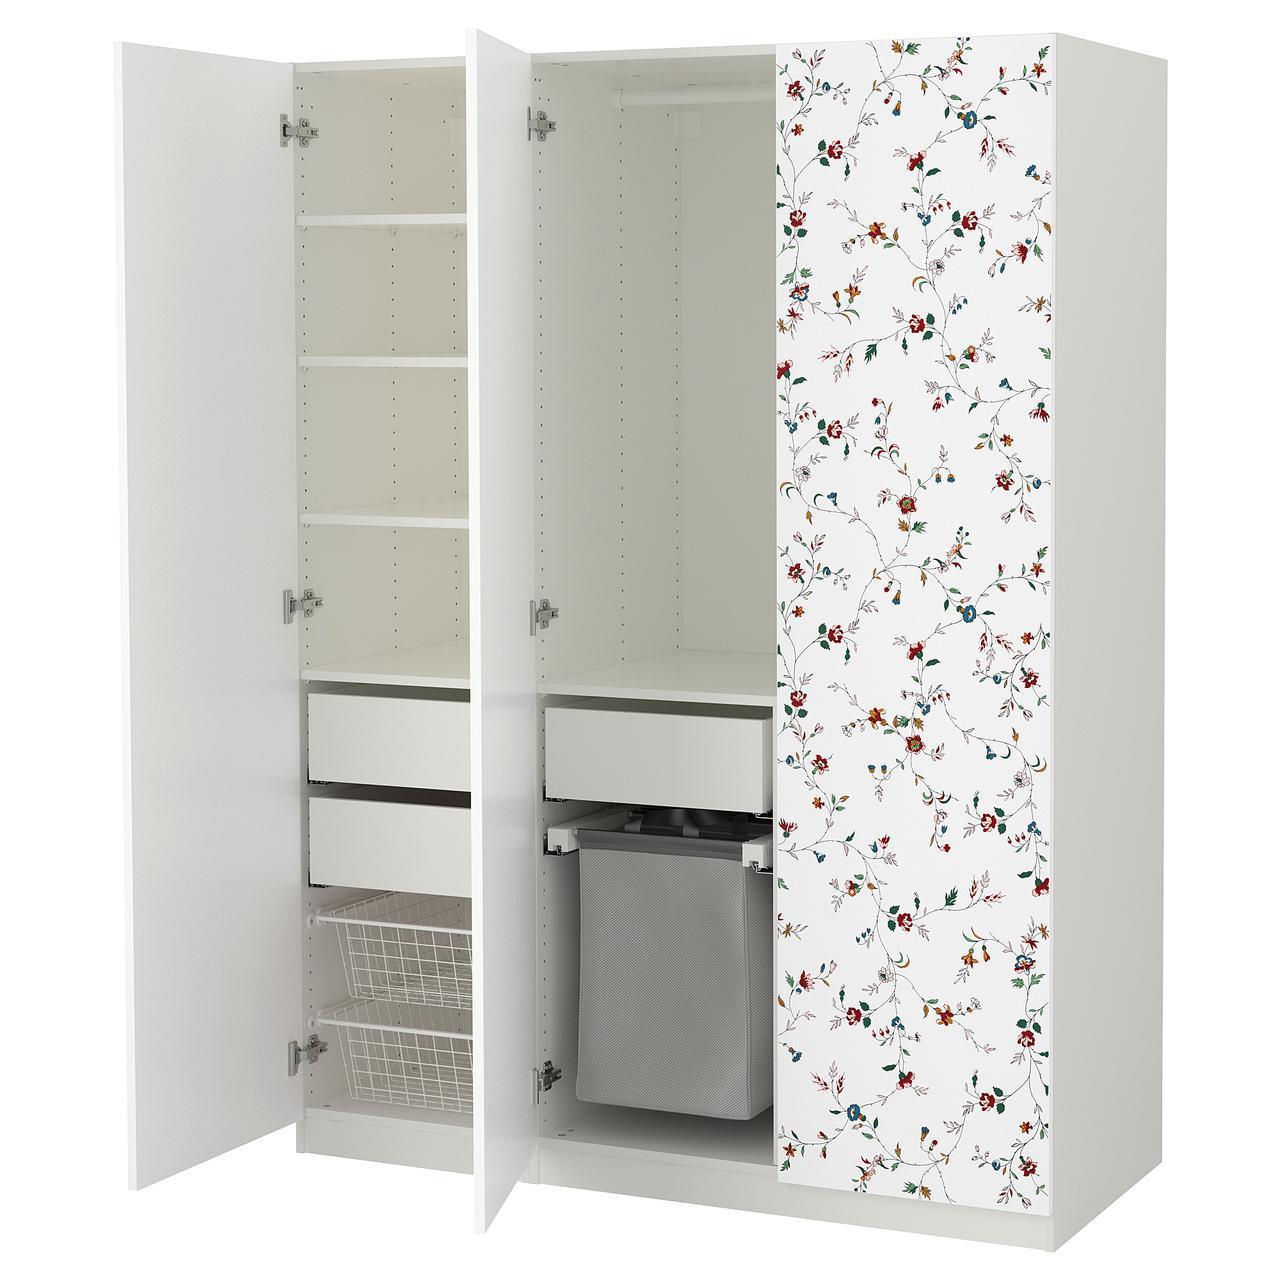 Шкаф IKEA PAX Marnardal белый с цветочным узором 892.650.25